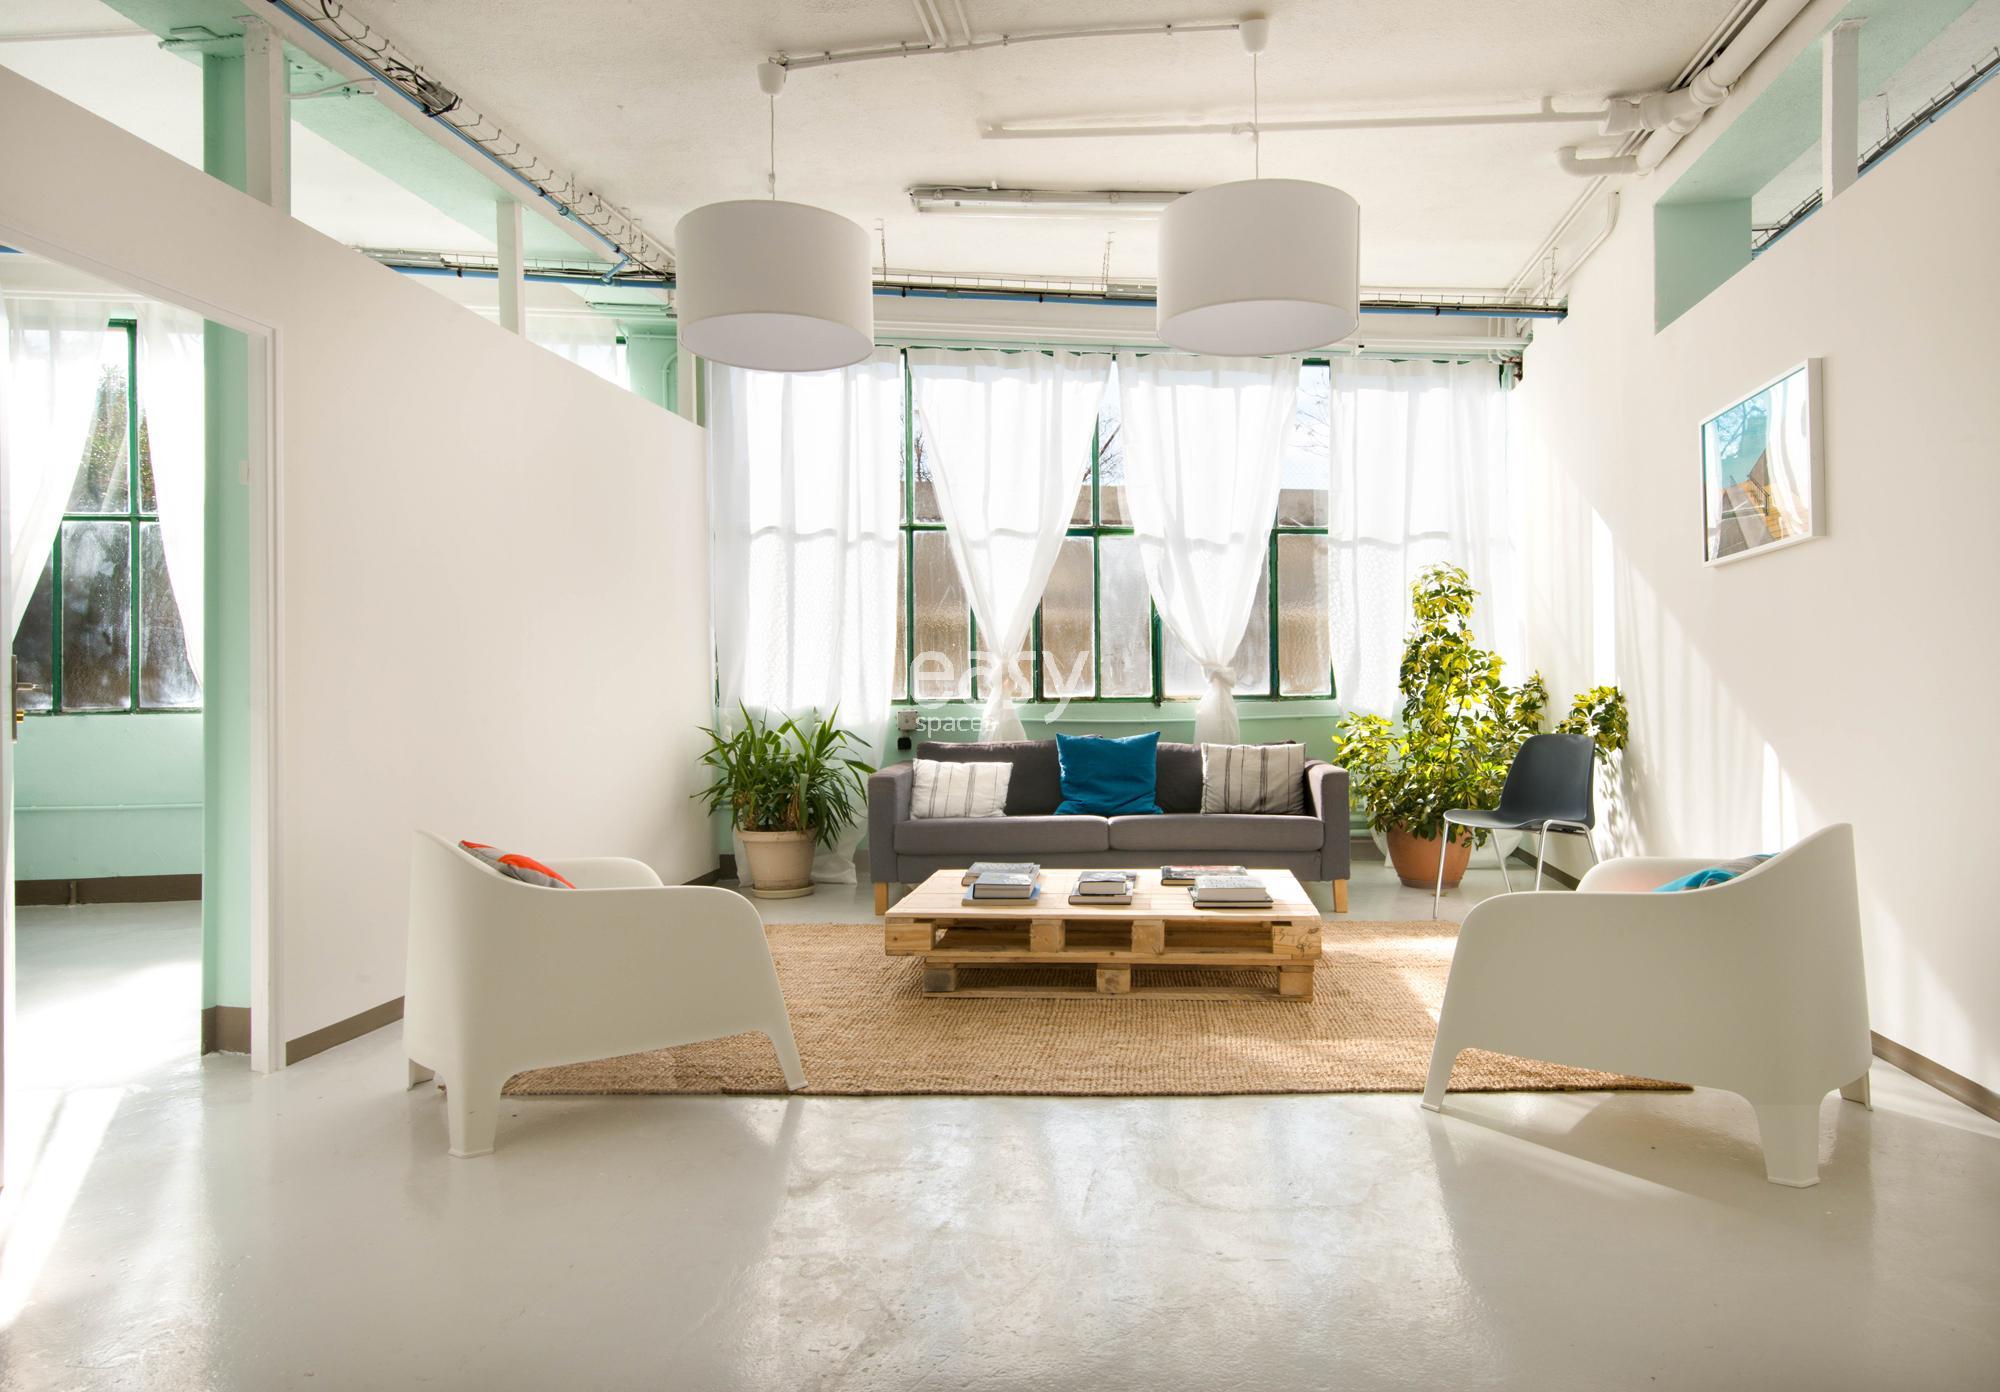 lieu atypique pour shooting tournage lancement de produit marseille lieux lieu louer pour. Black Bedroom Furniture Sets. Home Design Ideas